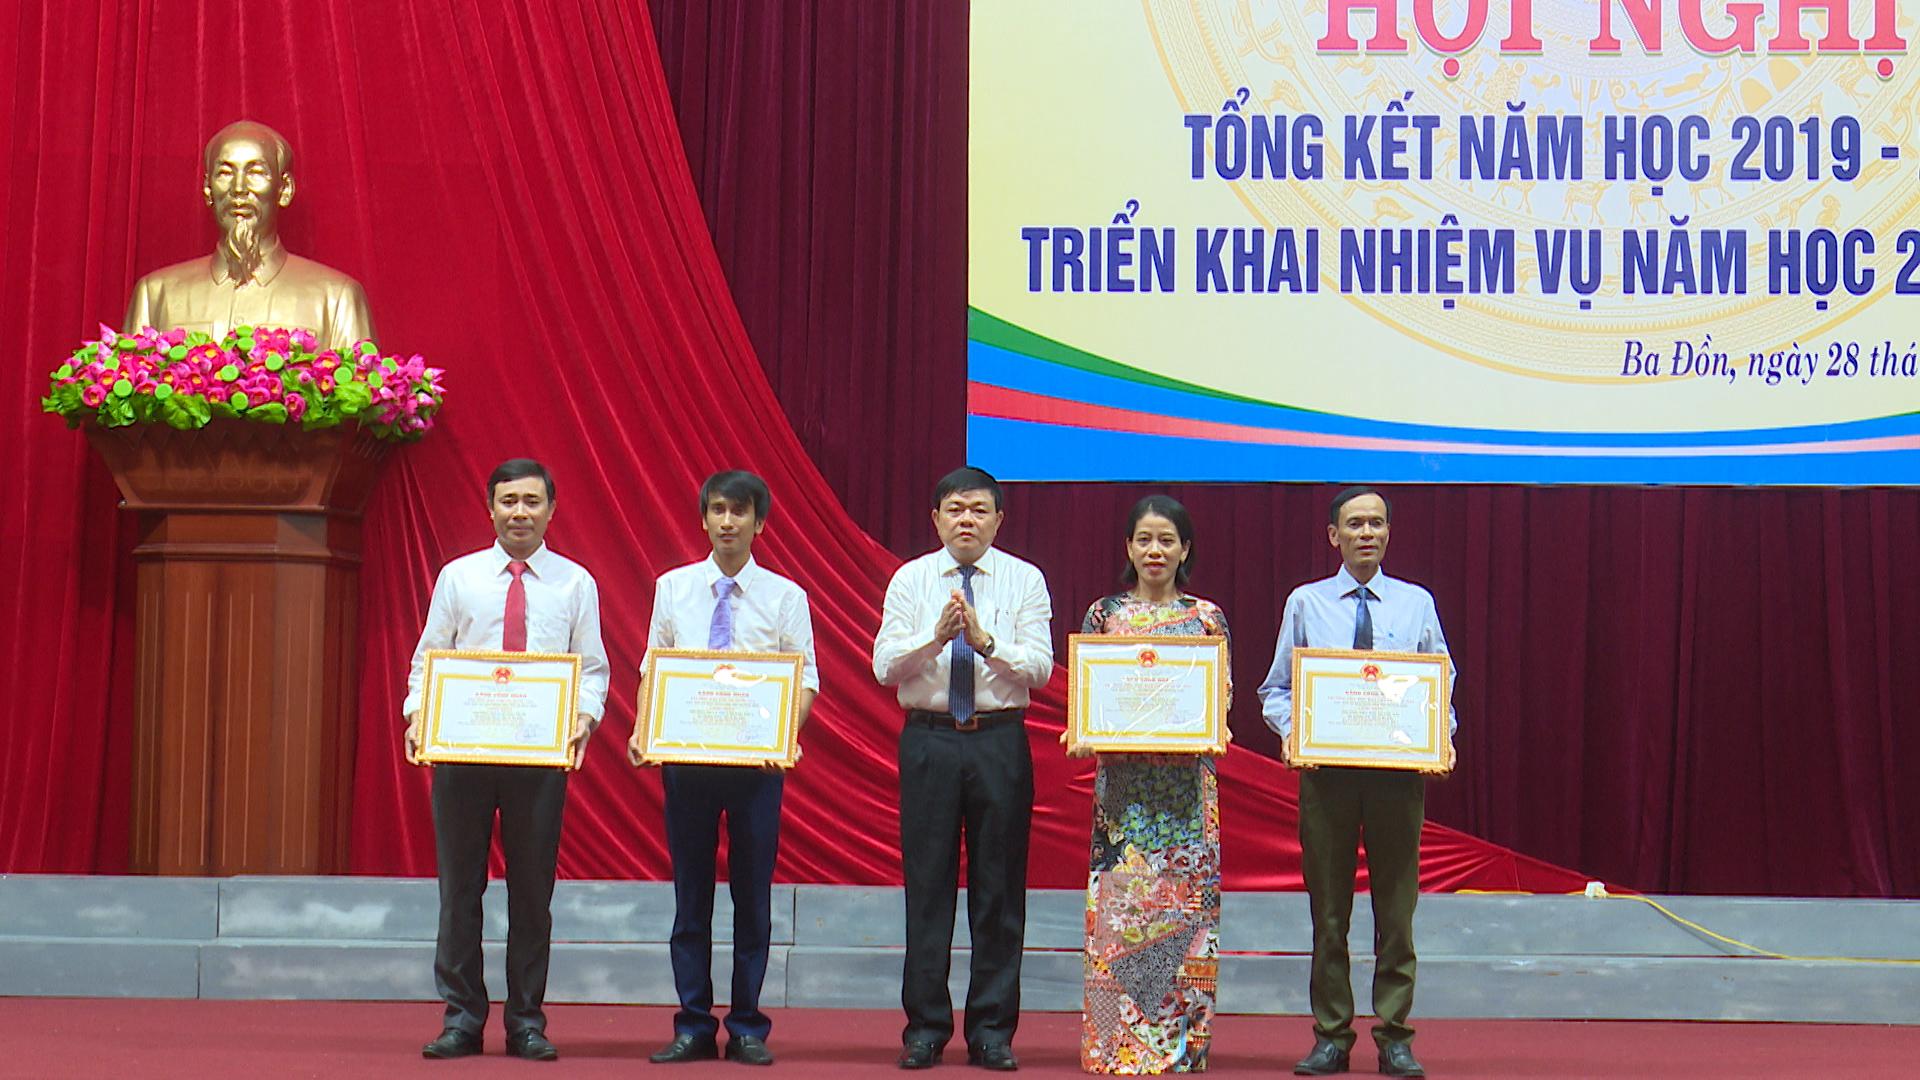 Bộ GD&ĐT tặng bằng khen năm học 2019-2020